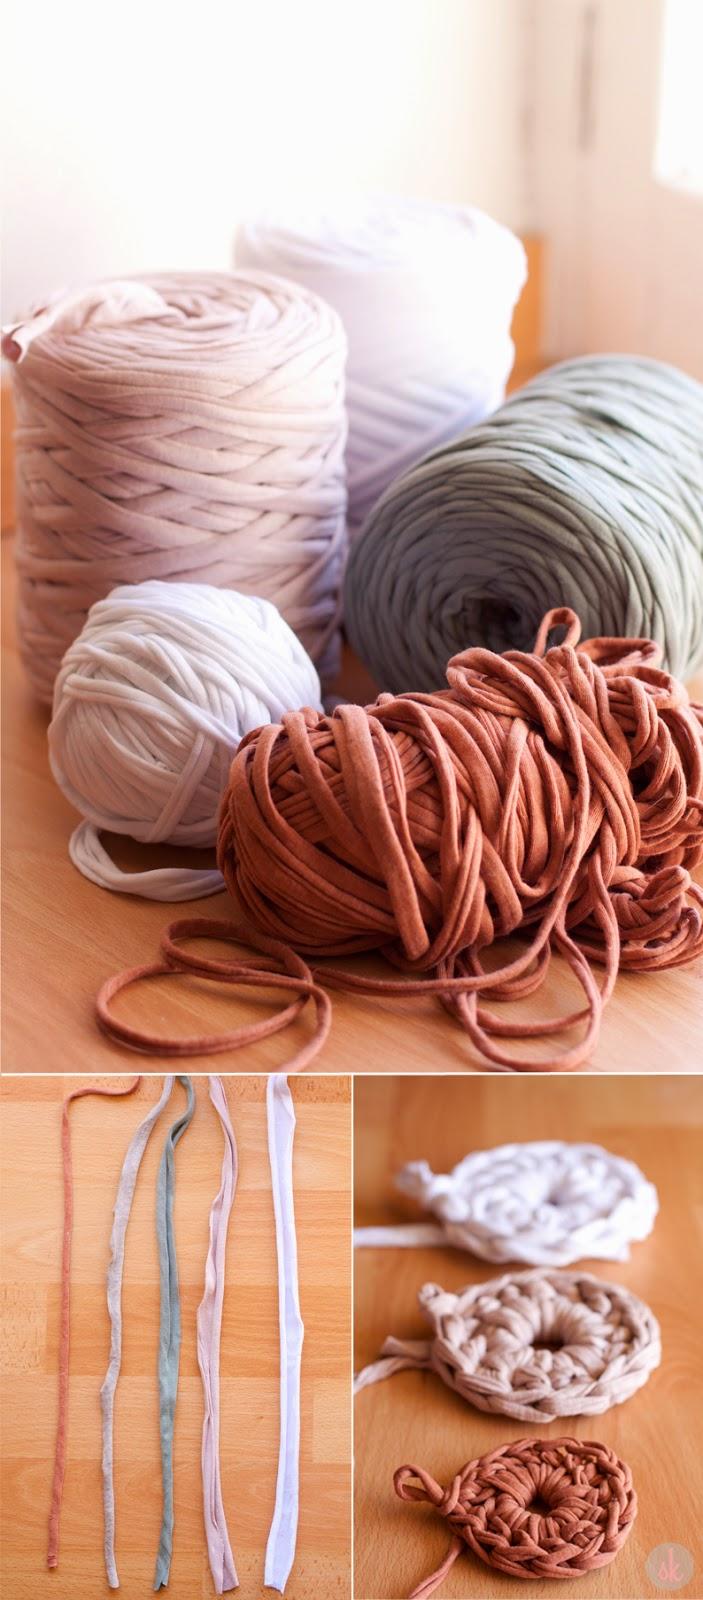 Sweet knit trucos y atajos para tejer con trapillo - Tejer con trapillo ...